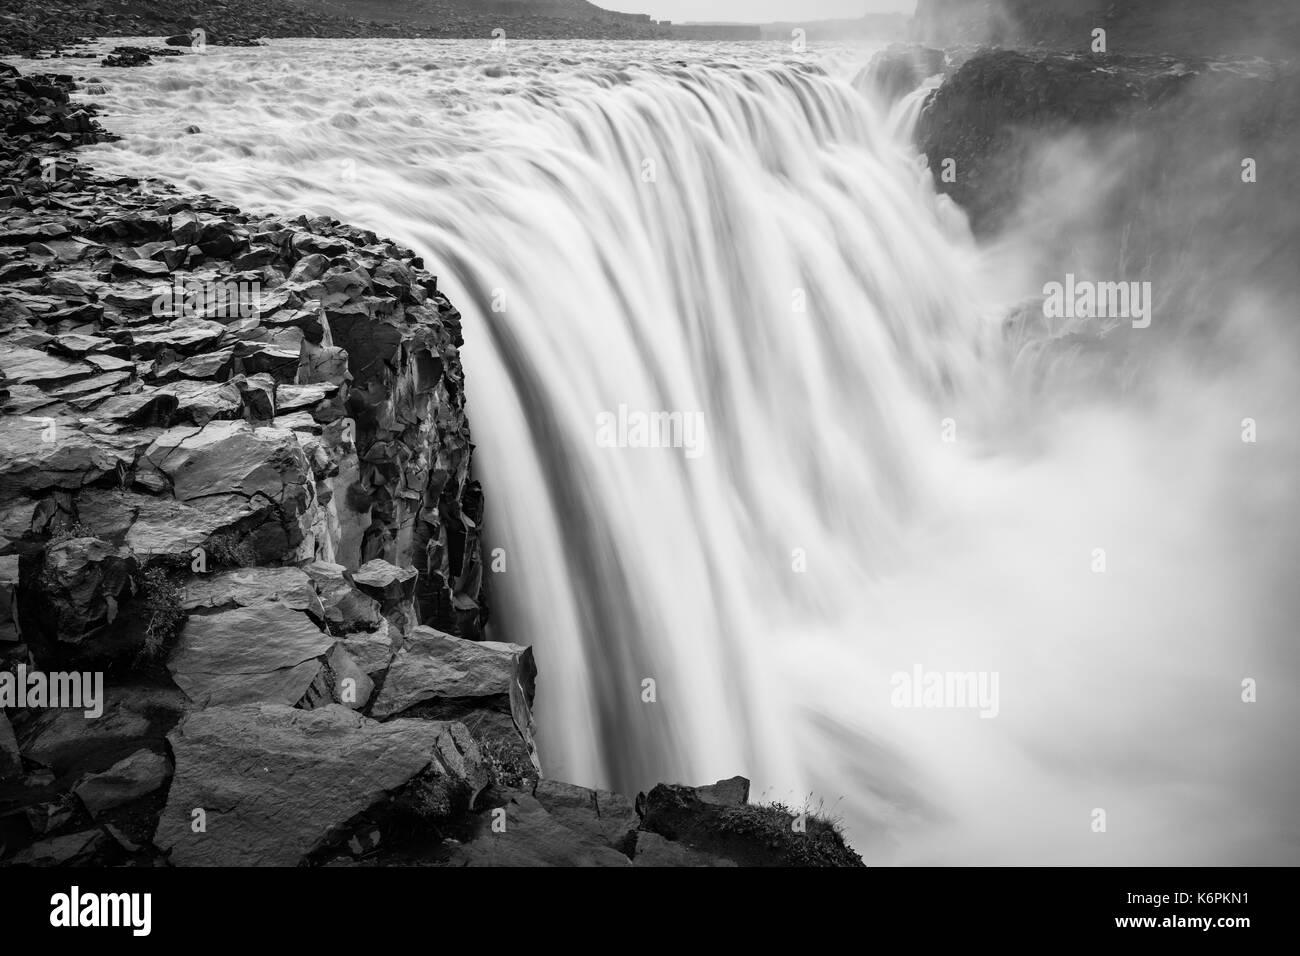 Dettifoss ist ein Wasserfall in den Nationalpark Vatnajökull im Nordosten Island, und ist angeblich der mächtigste Wasserfall in Europa zu sein. Das Wasser kommt Stockbild